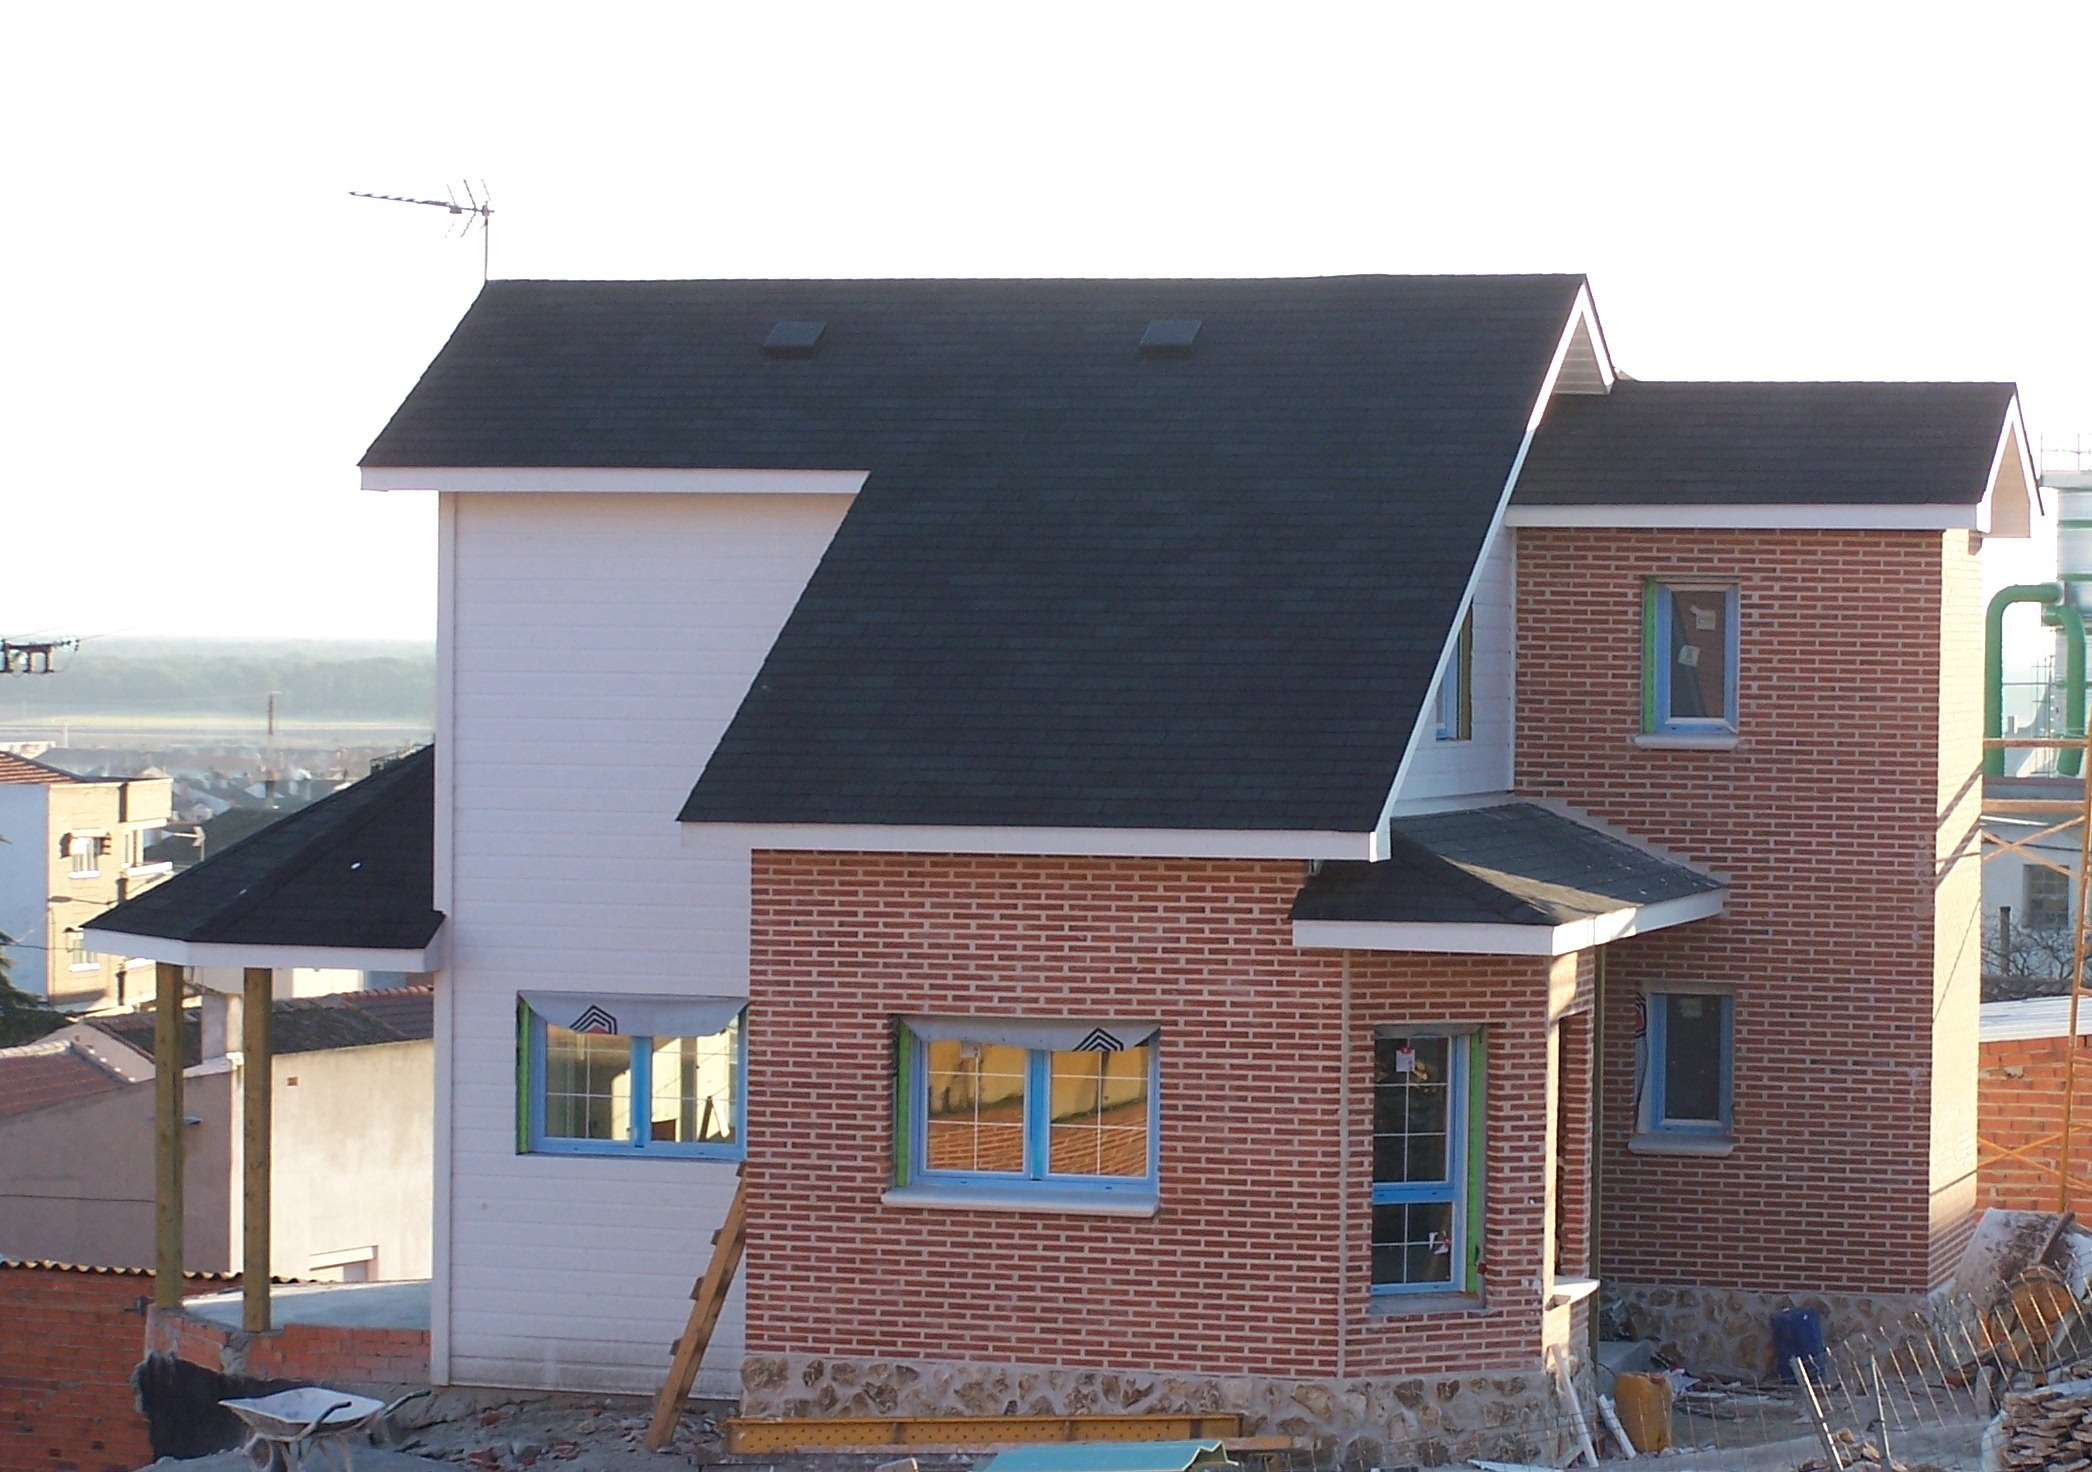 Casas de madera canadienses construcciones canadienses for Techos de madera para exterior